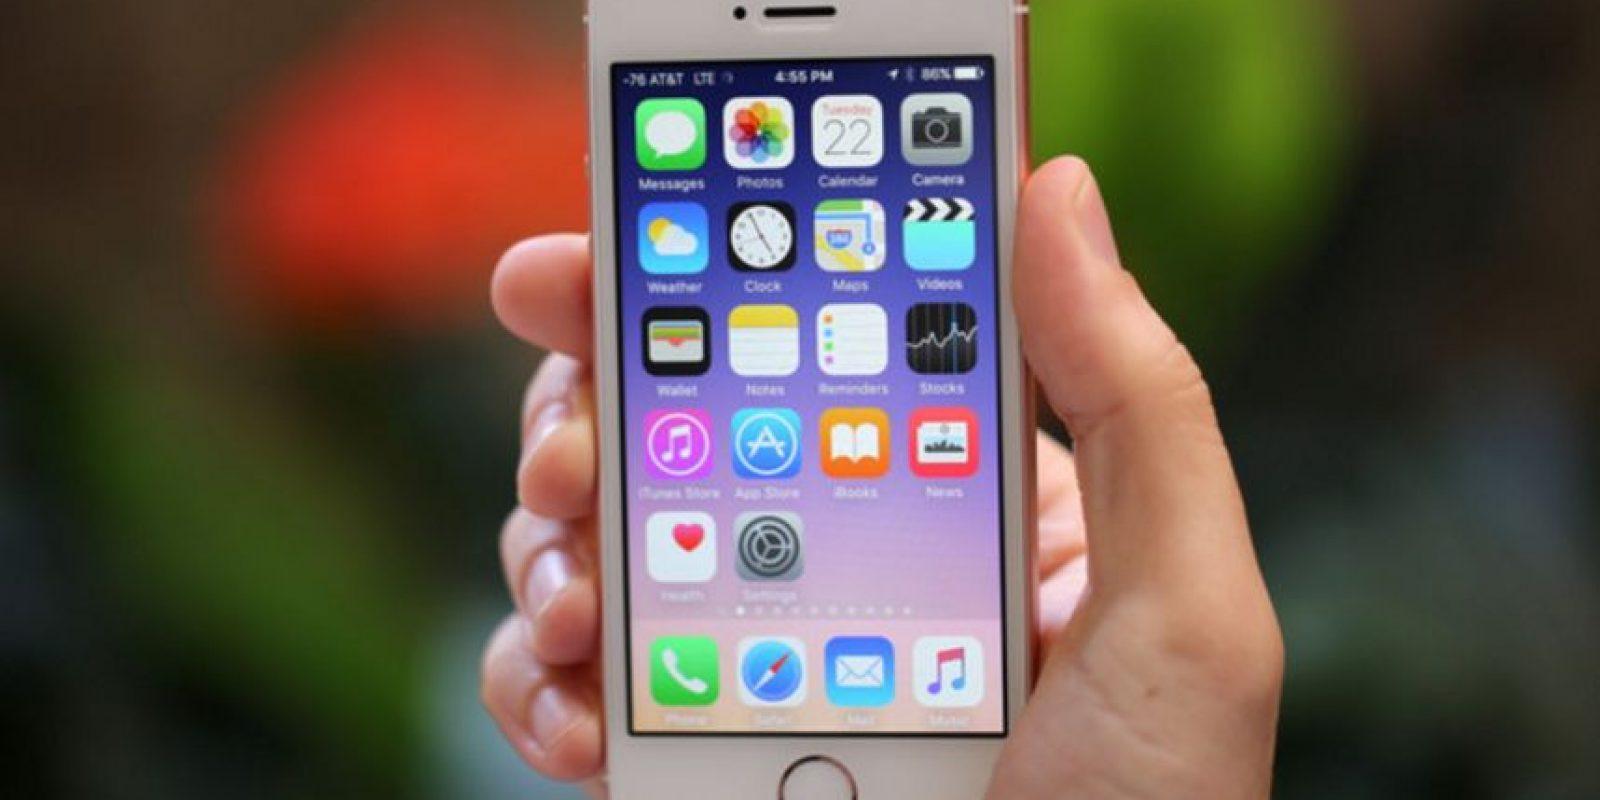 En cambio, tener un smartphone con Android, te hace más humilde y honesto, según las conclusiones del estudio. Foto:Getty Images